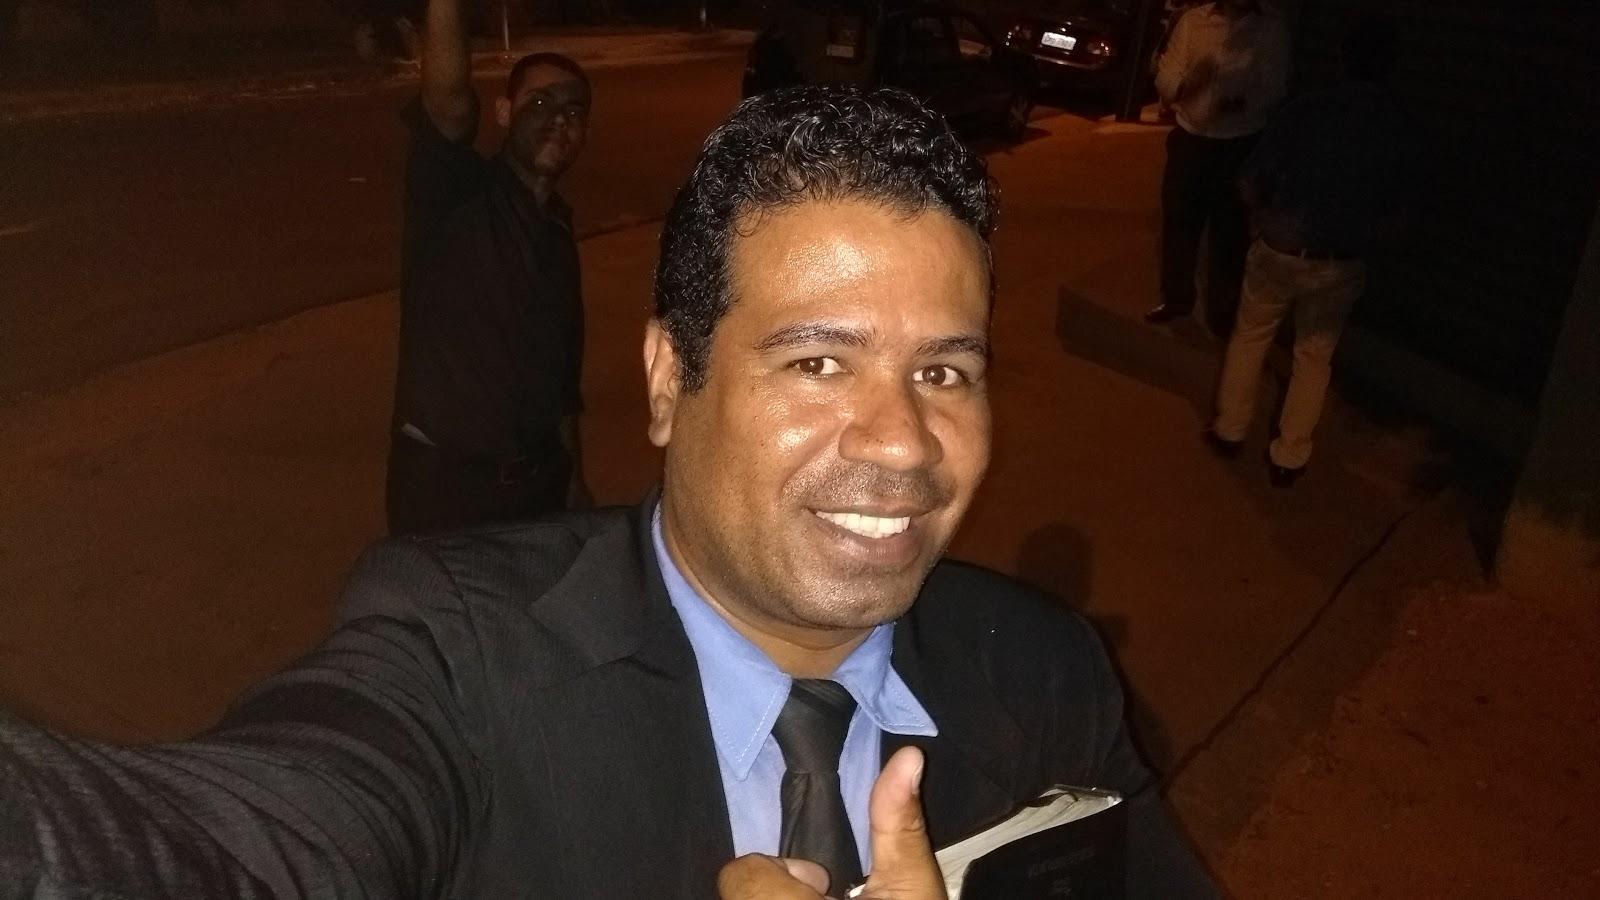 Meu nome é Ricardo F.S